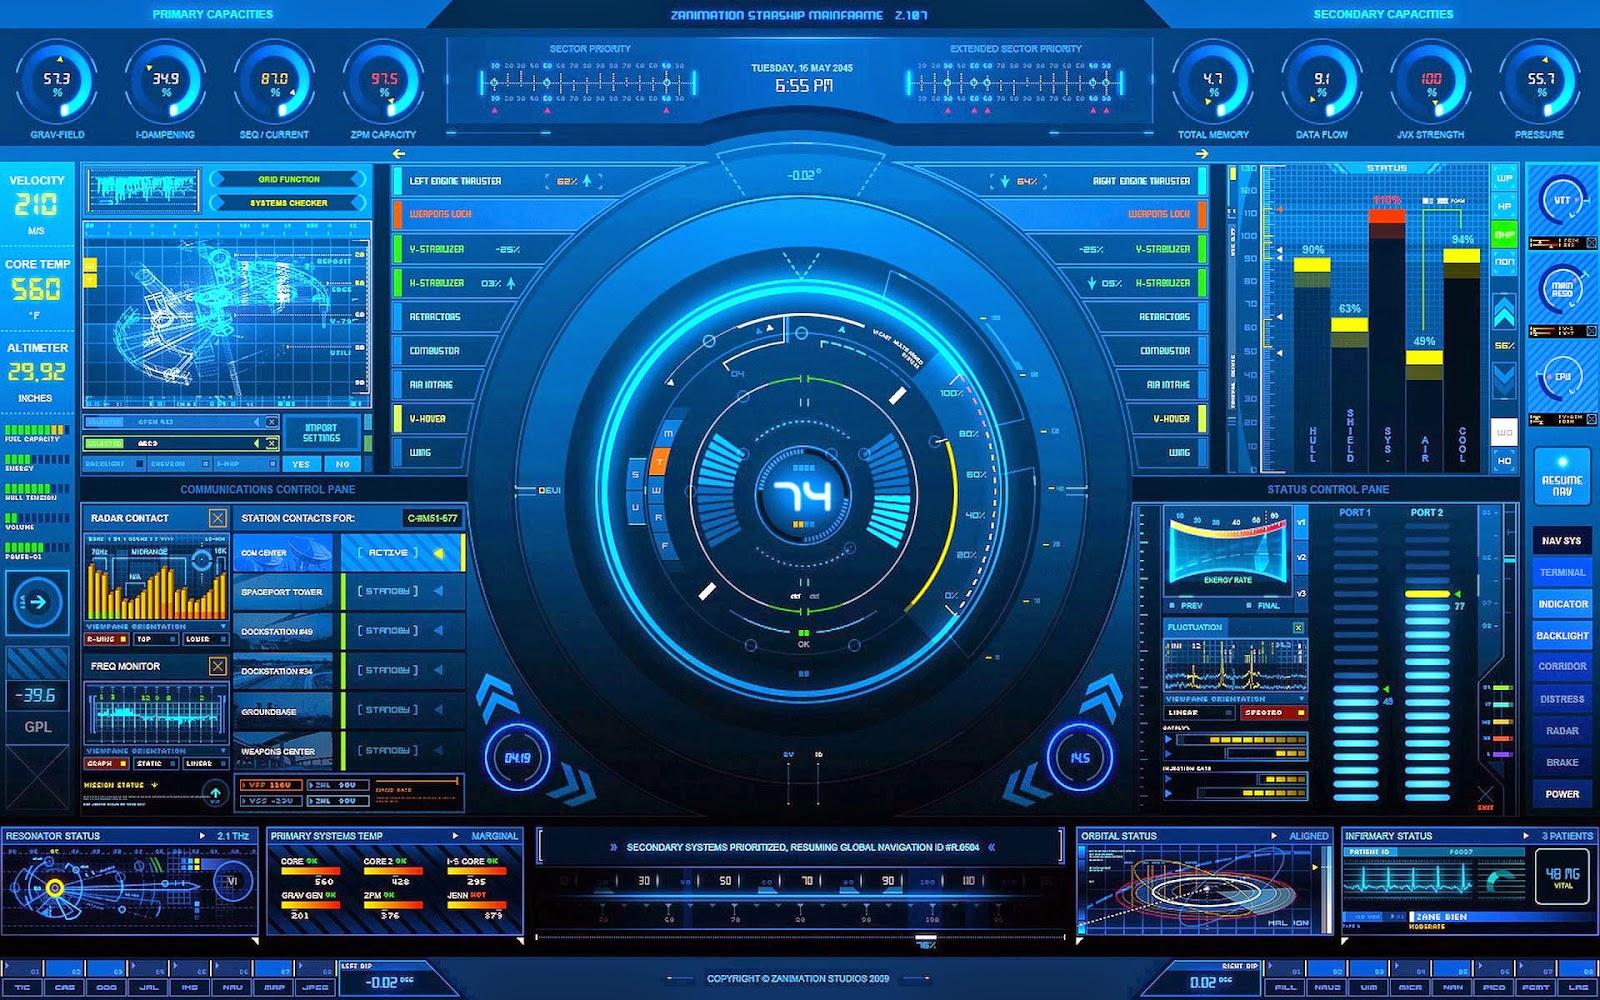 Papel de Parede Ficção Científica Tela Digital para pc hd grátis Sci Fi desktop hd wallpaper image free